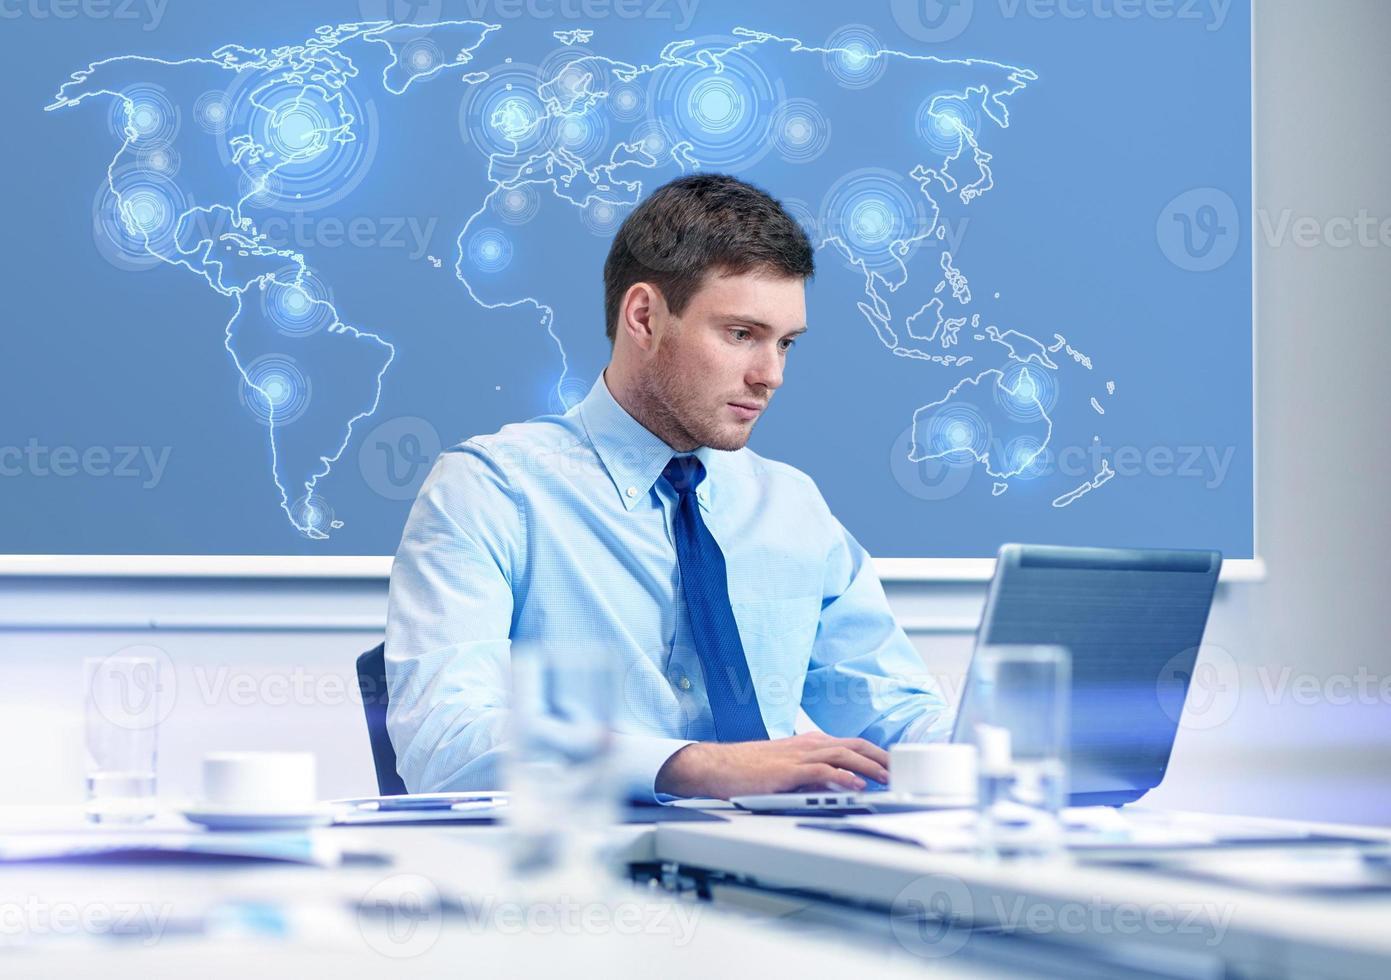 affärsman med bärbar dator som arbetar på kontoret foto